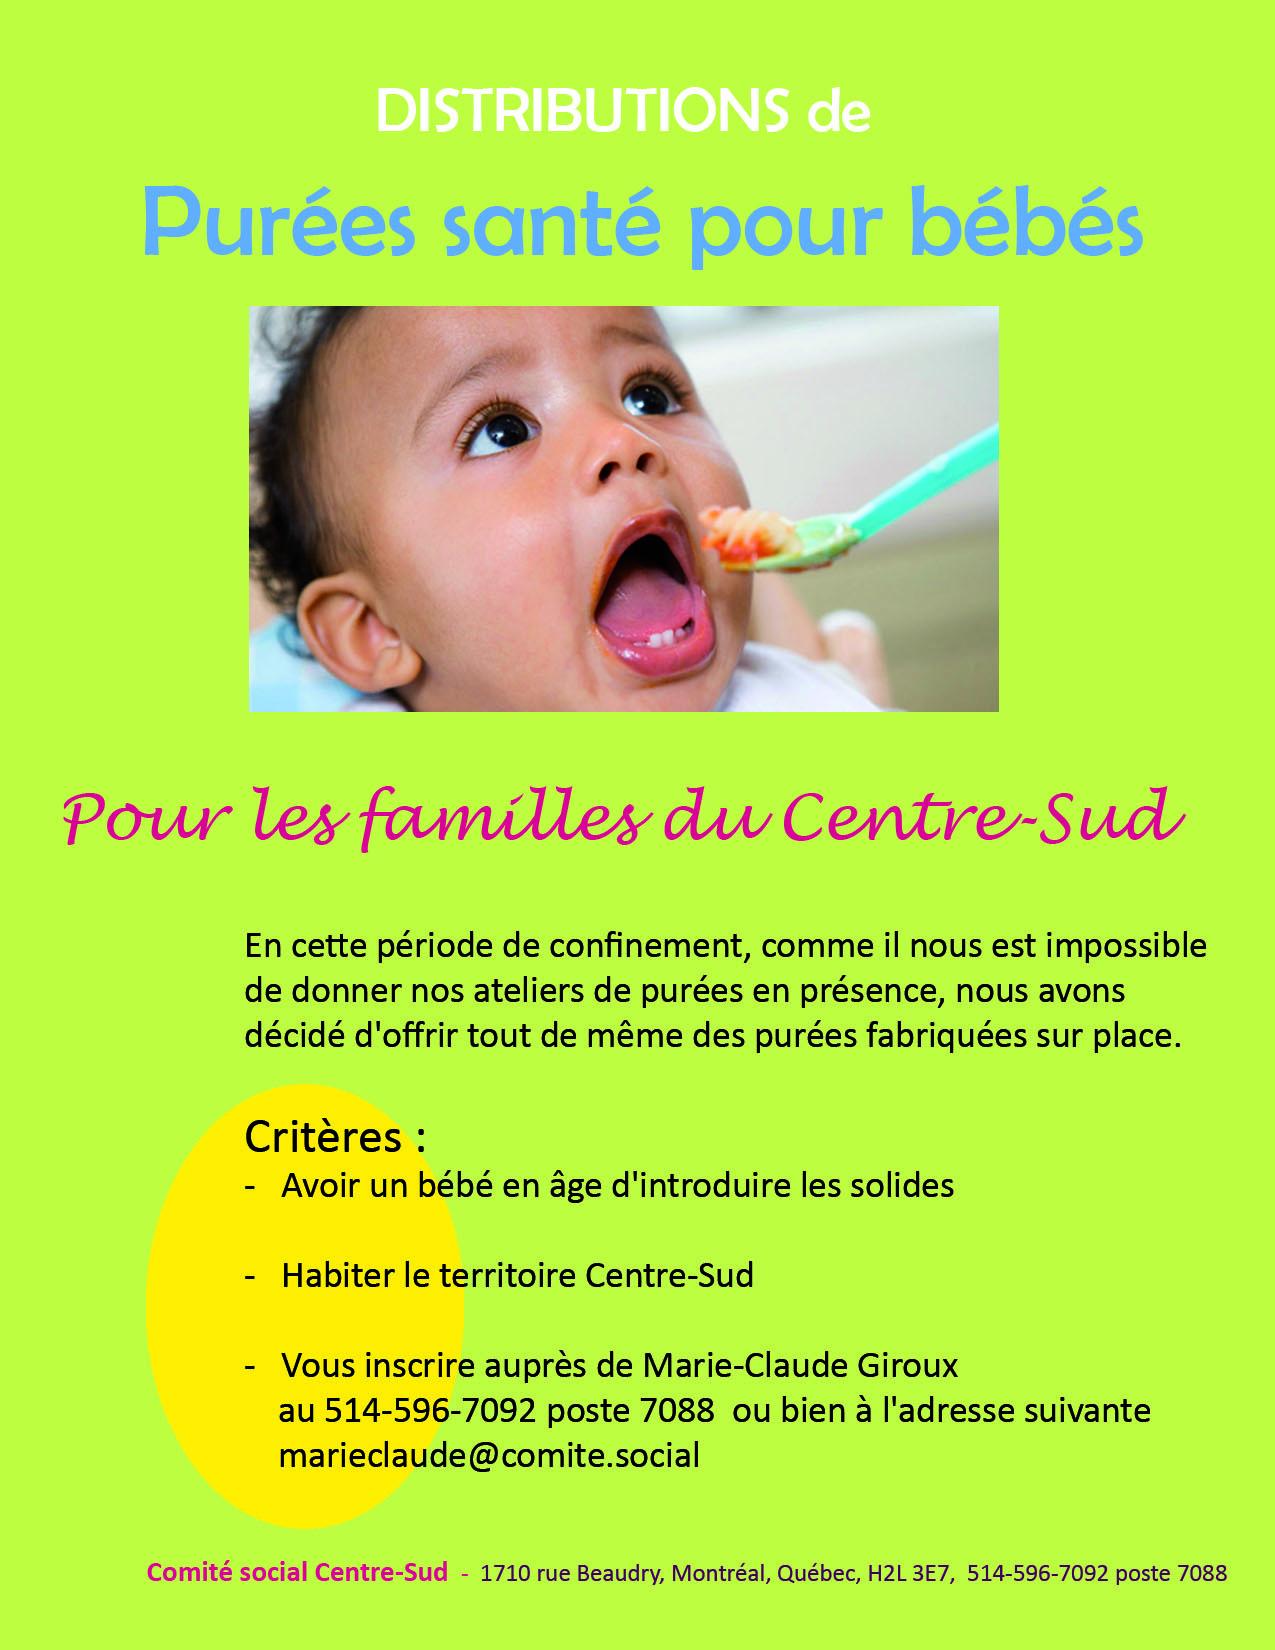 Distributions de purées santé pour bébé @ comité social Centre-sud